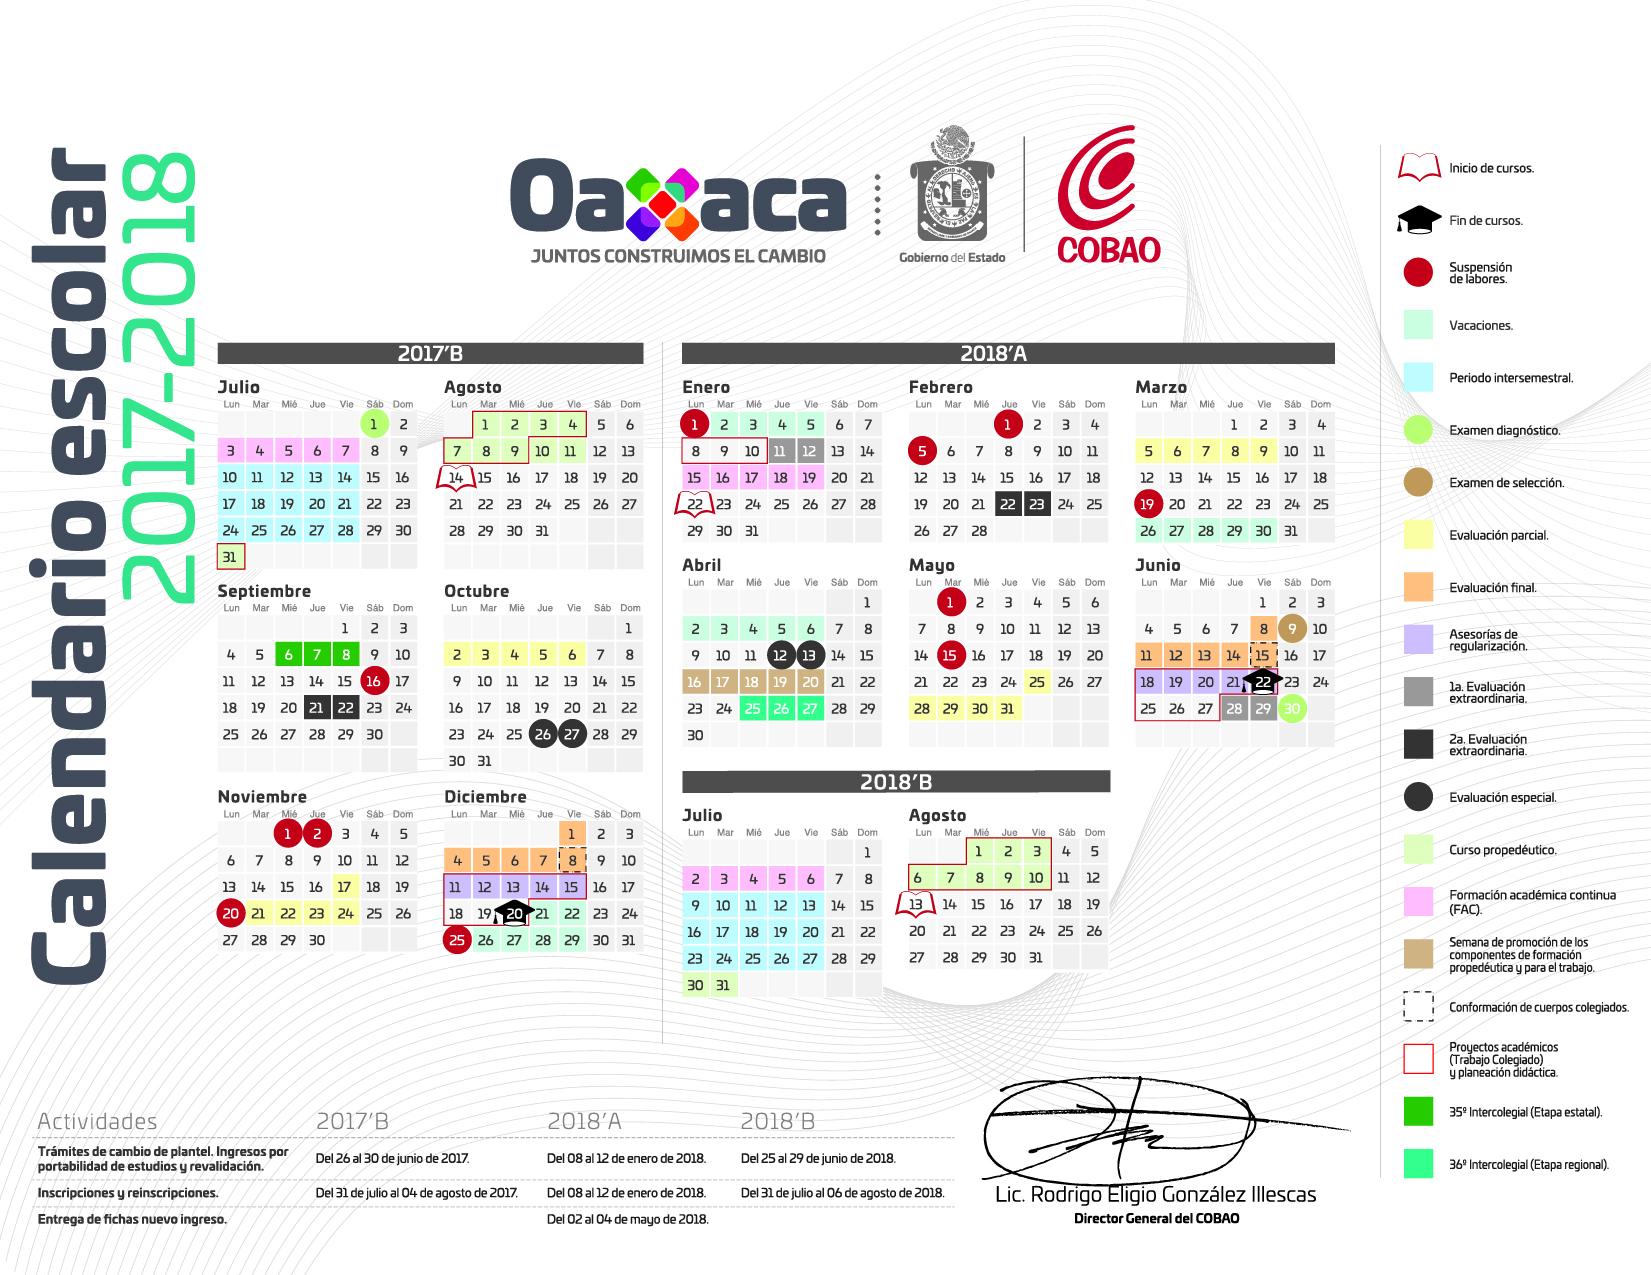 calendario-cobao2017-2018-carta-01.jpg